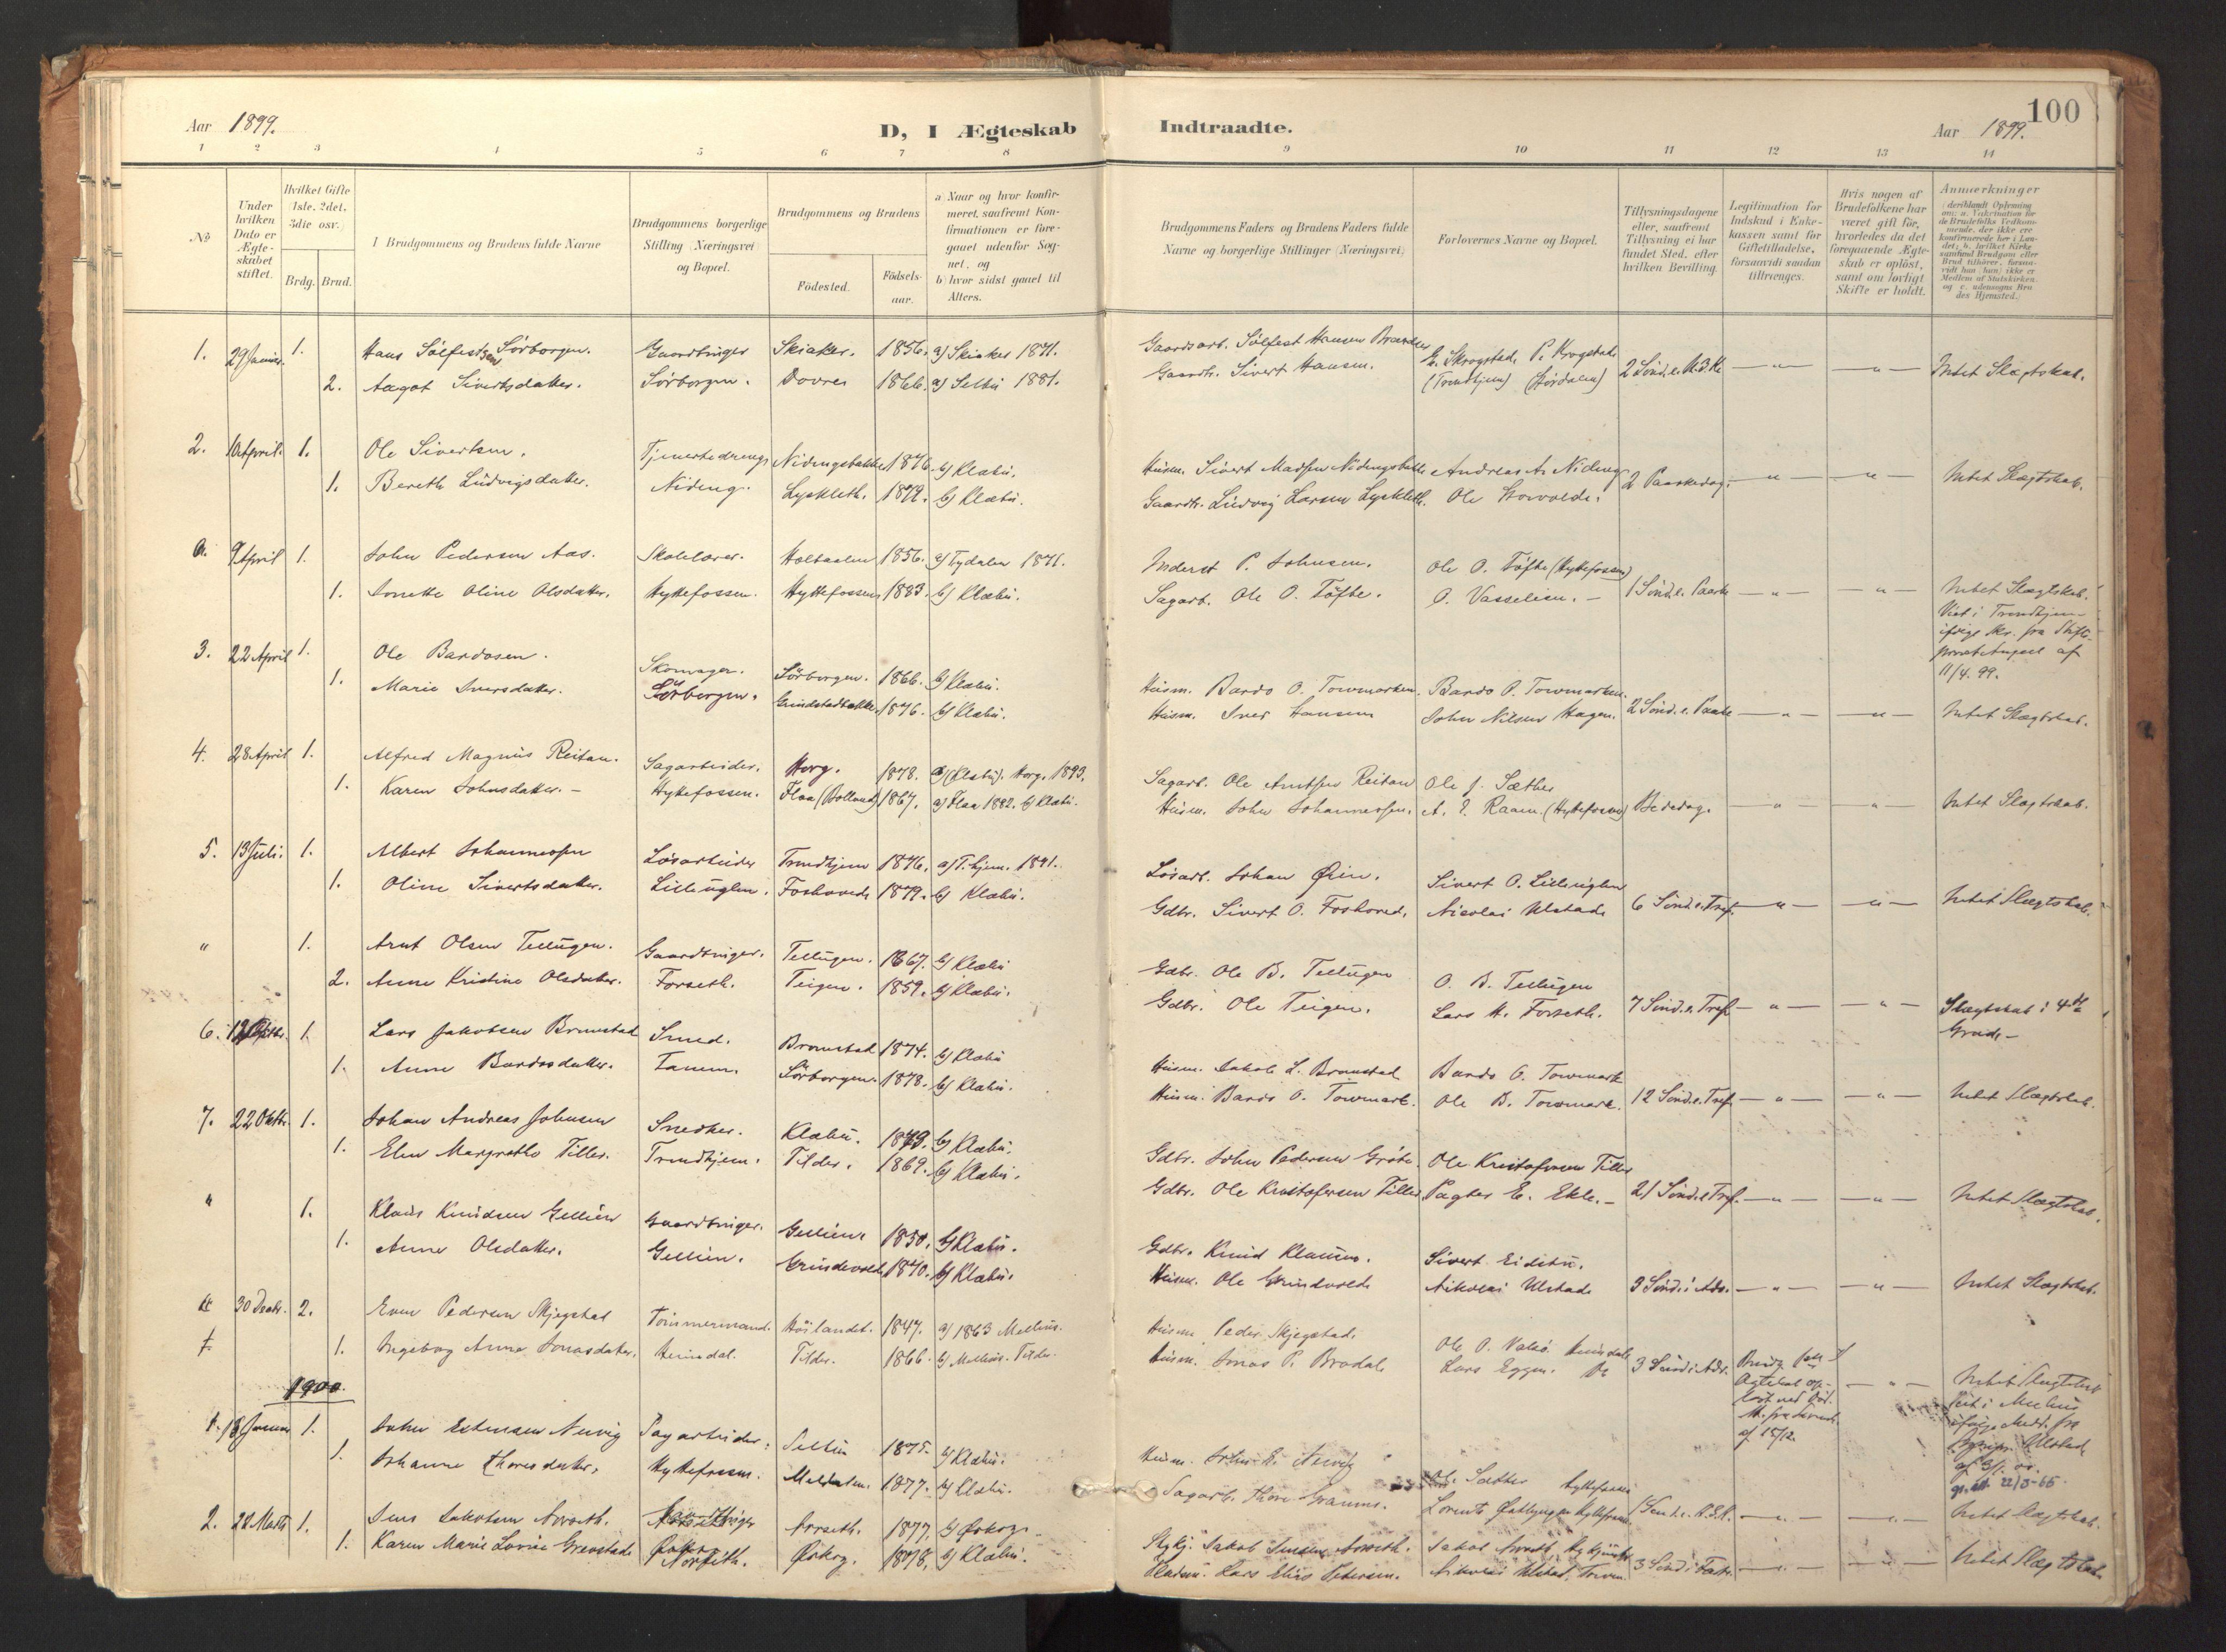 SAT, Ministerialprotokoller, klokkerbøker og fødselsregistre - Sør-Trøndelag, 618/L0448: Ministerialbok nr. 618A11, 1898-1916, s. 100